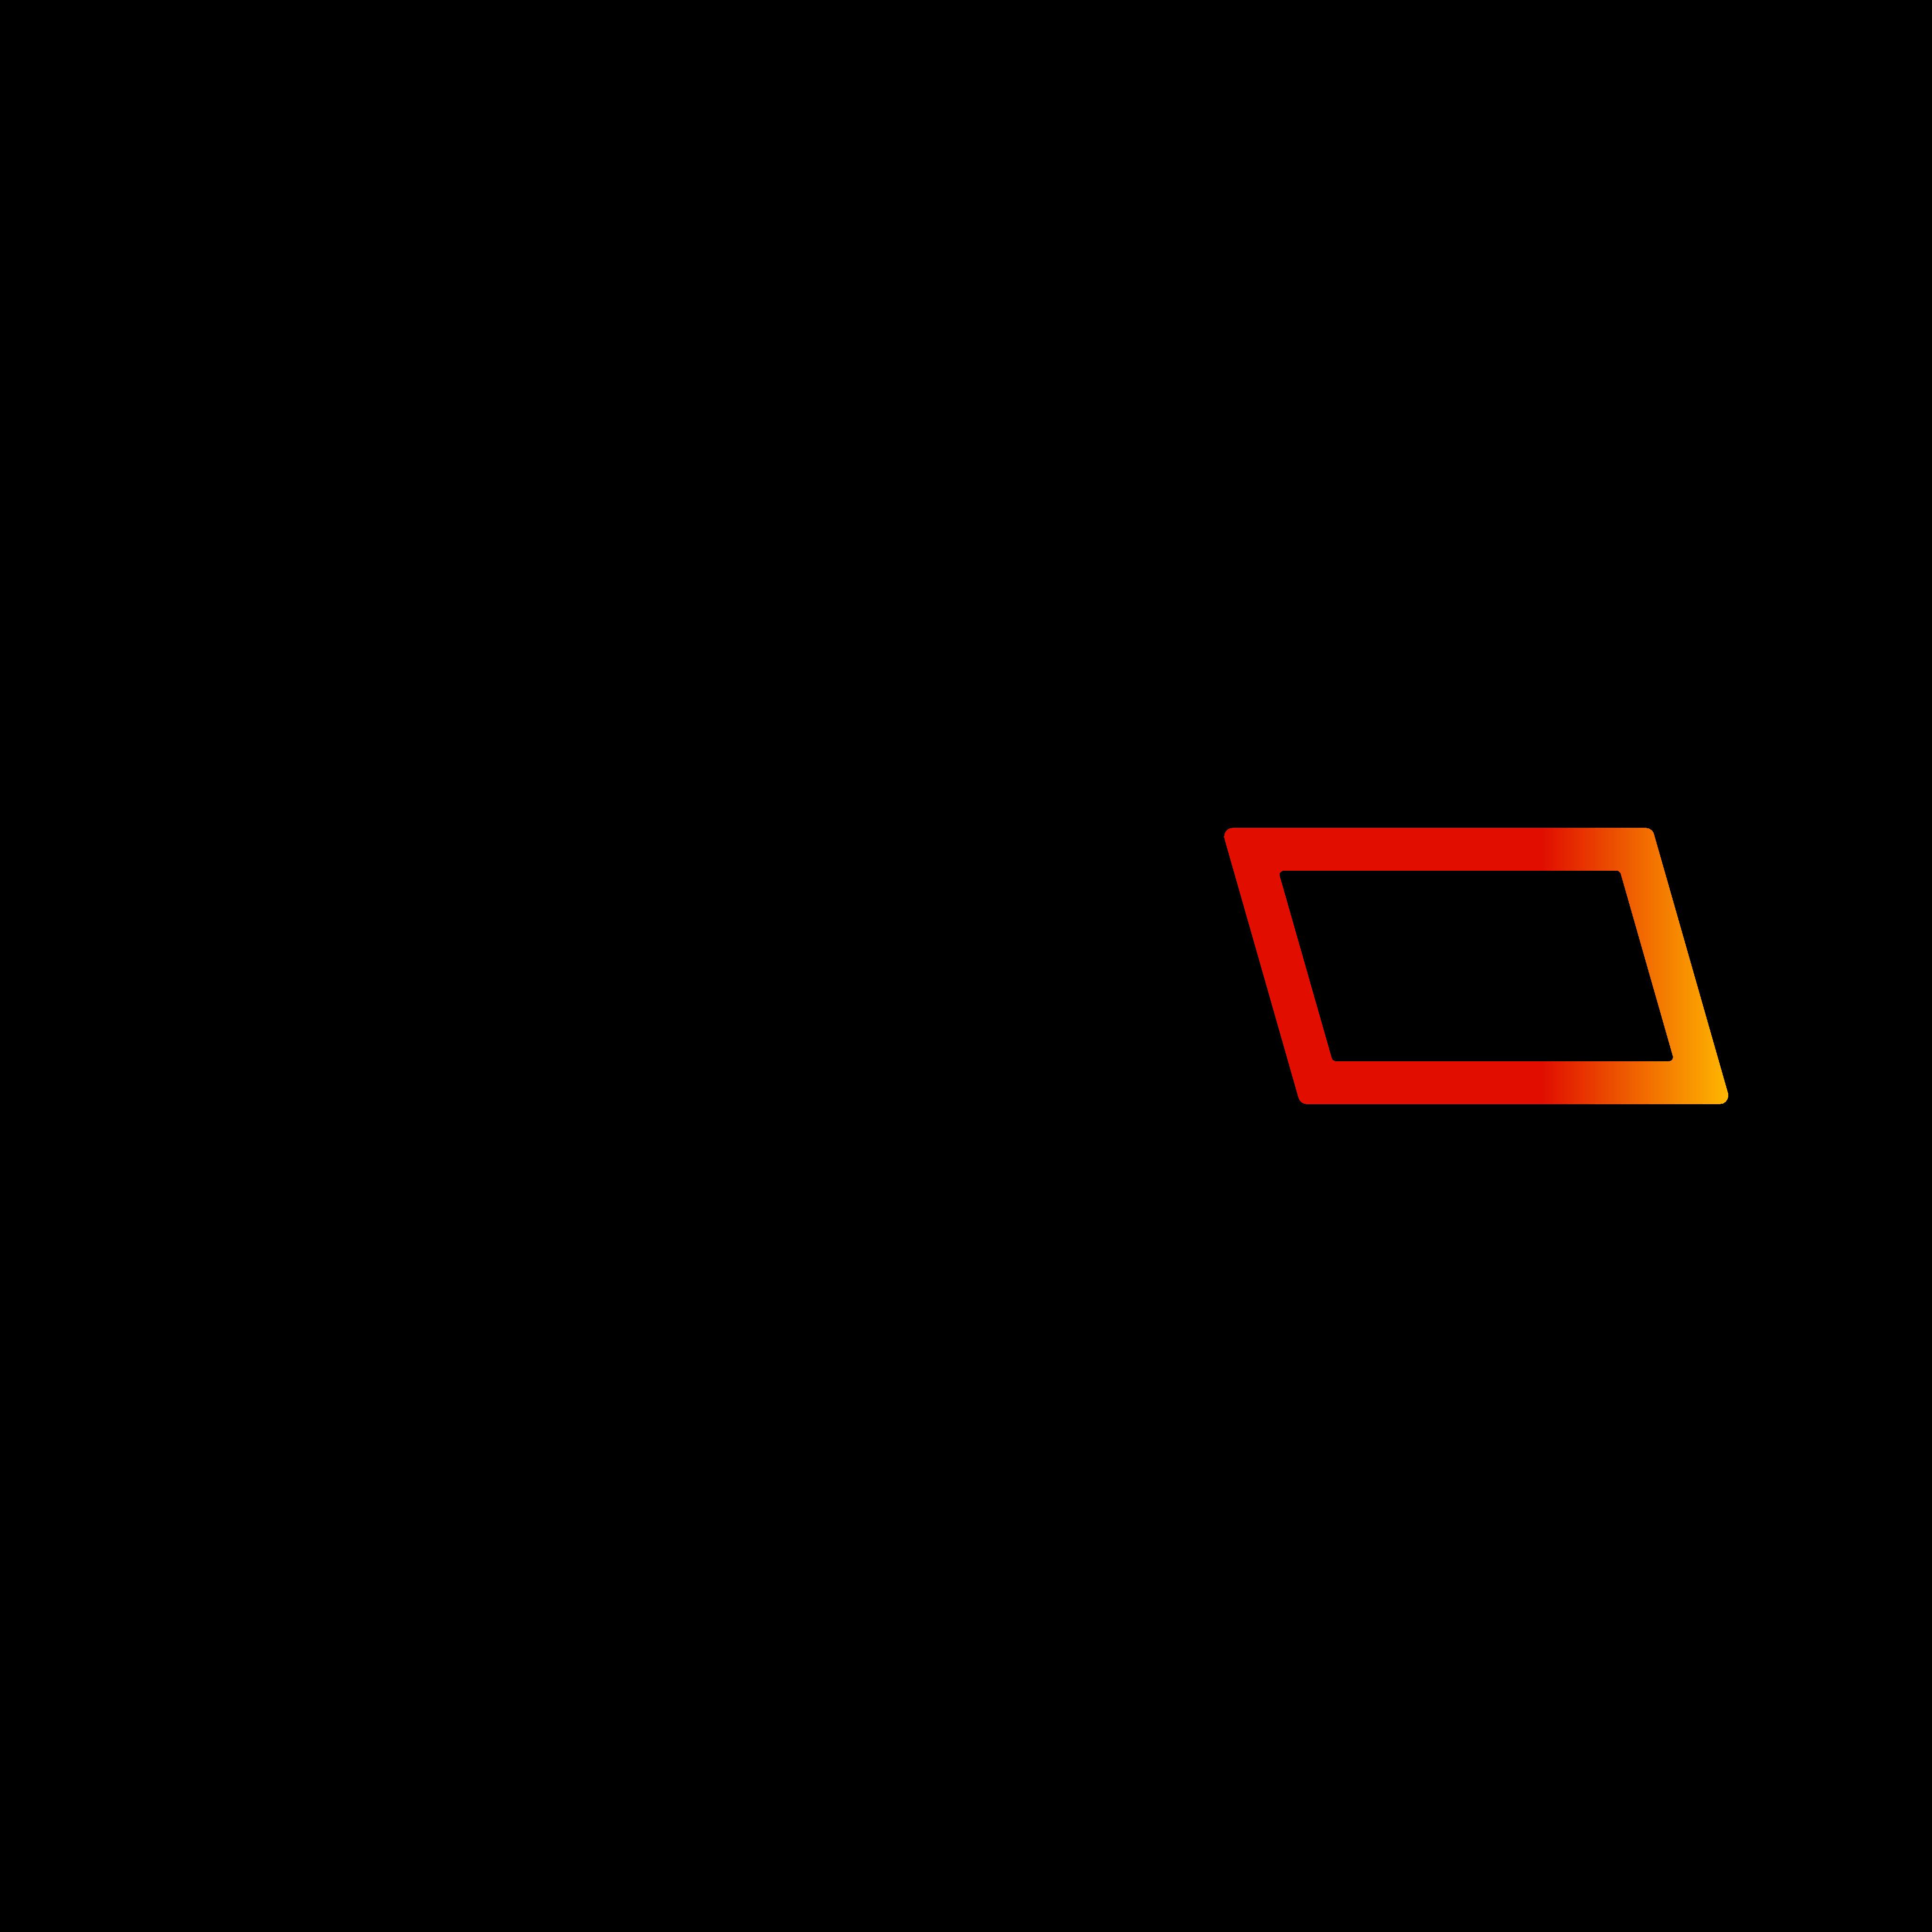 direct log logo 0 - Direct Log Logo